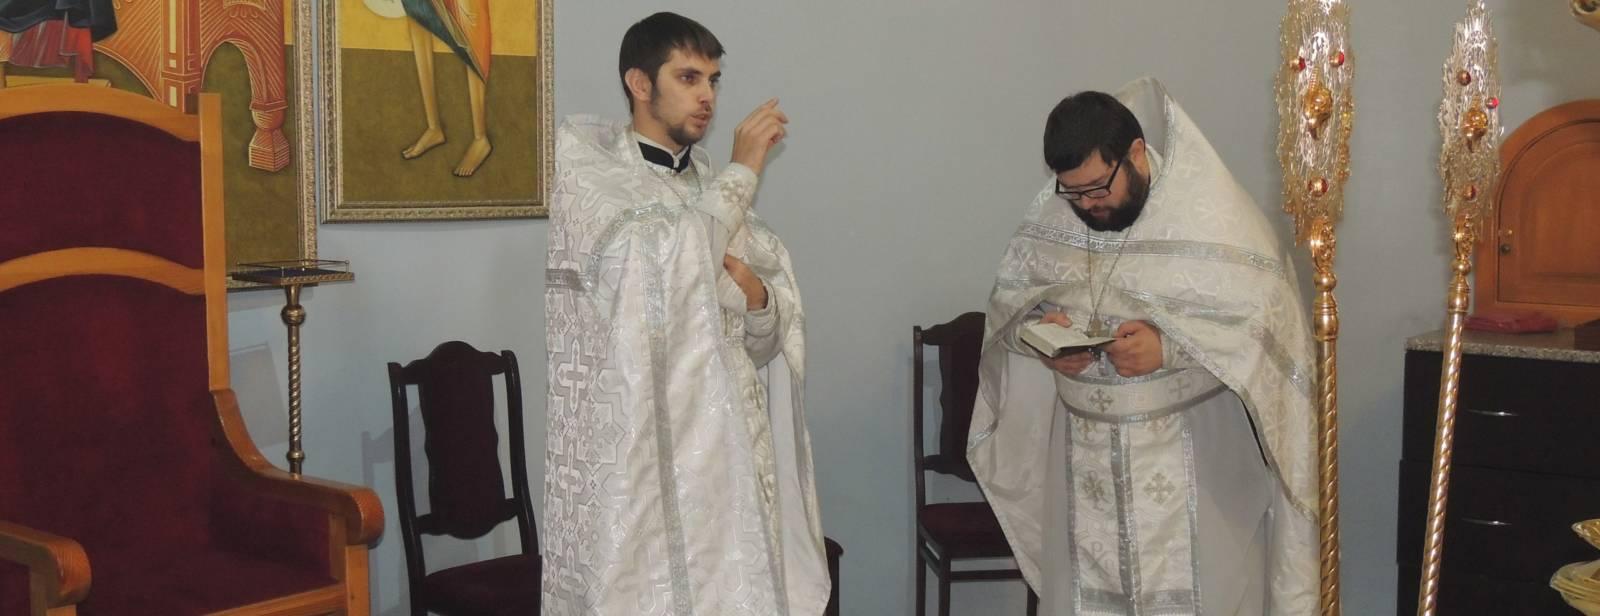 Божественная литургия и Великая вечерня с чтением паримий в Покровском кафедральном соборе.